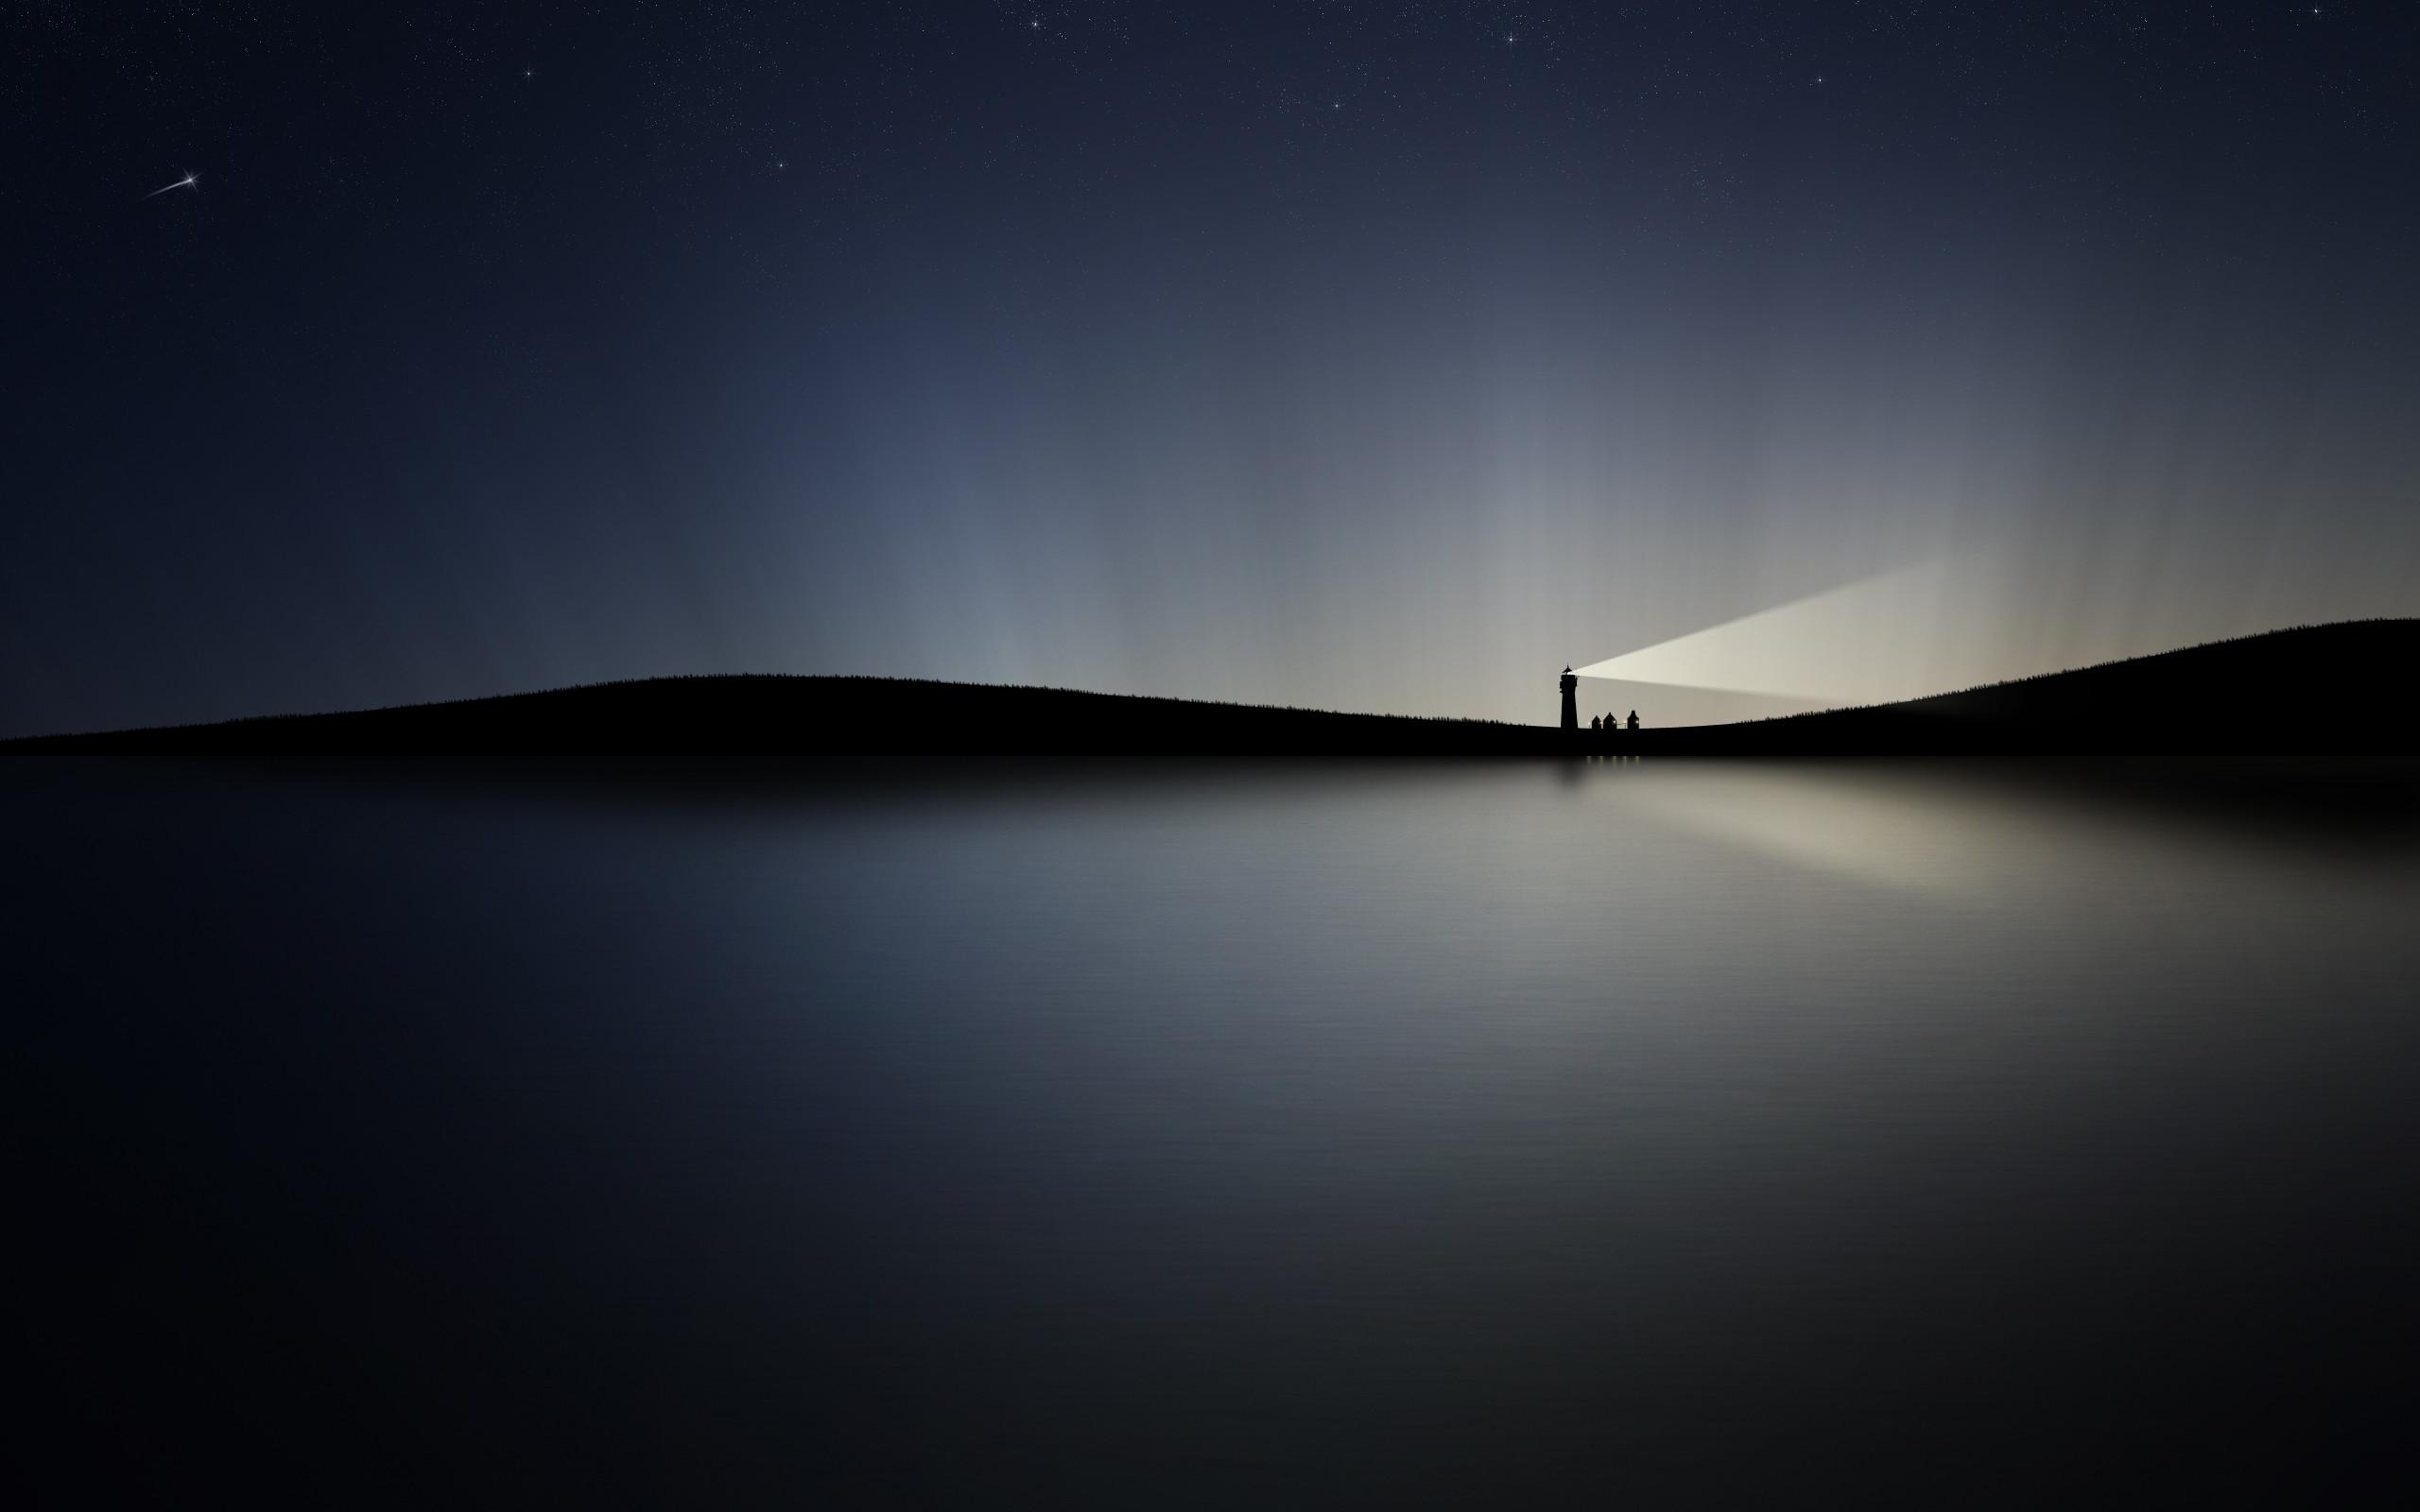 Night Sky Wallpaper 5771